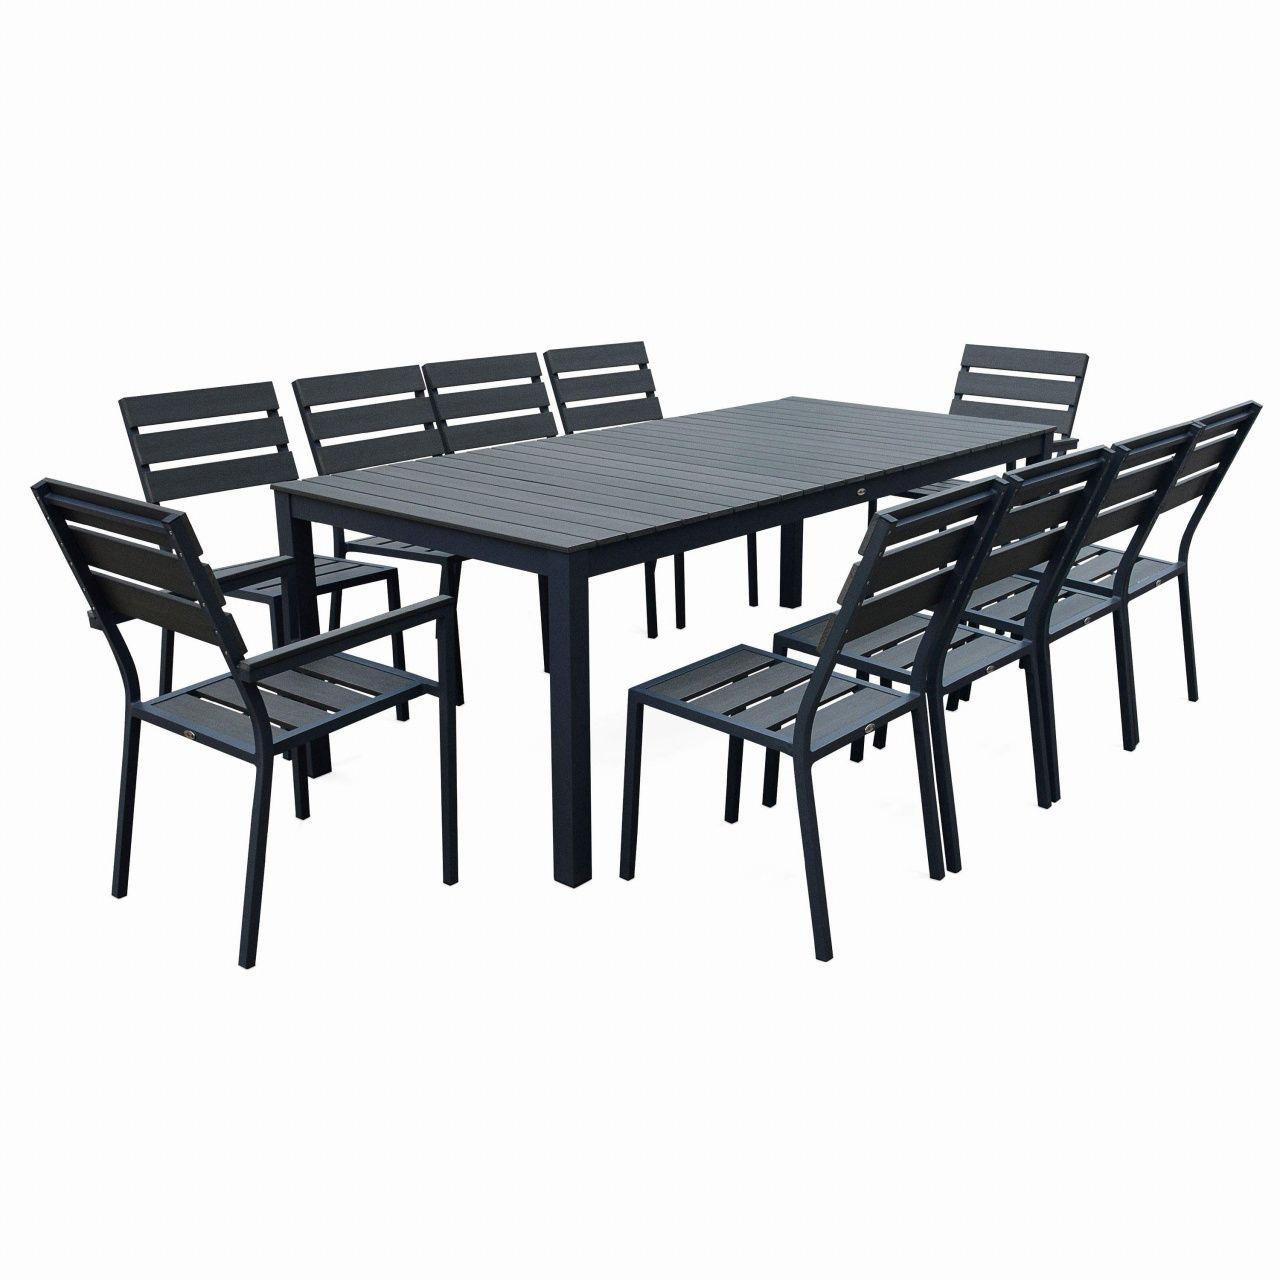 99 Fauteuil De Jardin Castorama | Outdoor Tables, Outdoor ... dedans Table De Jardin Castorama